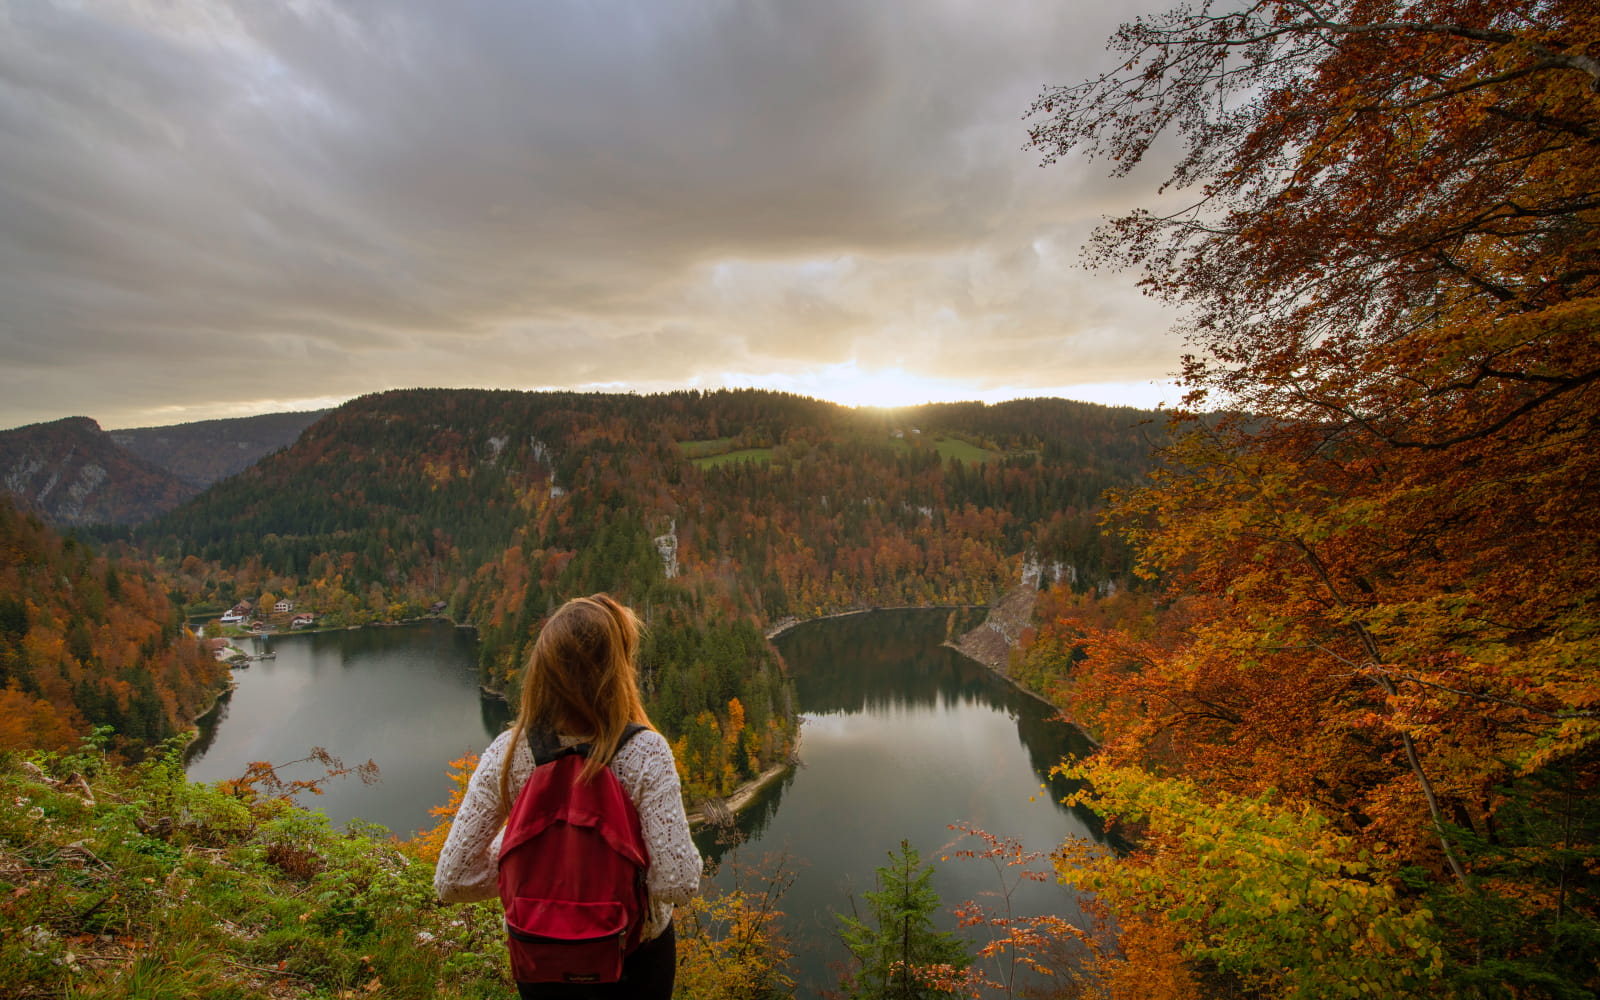 Vue depuis le Belvédère du Saut du Doubs en automne